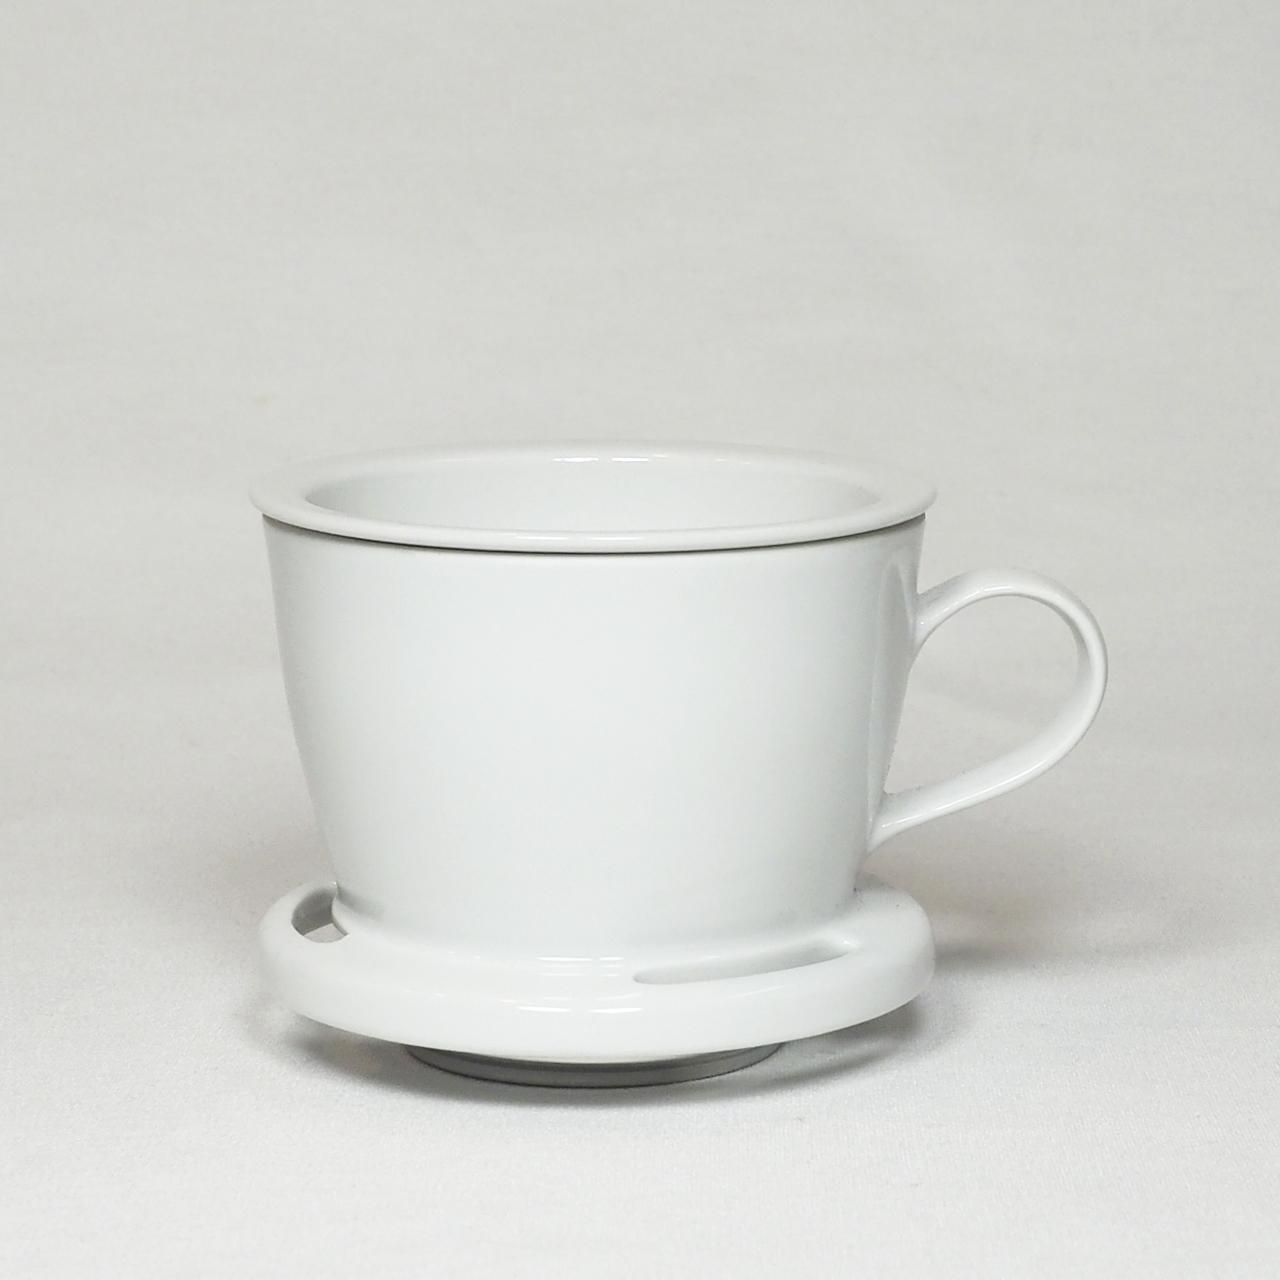 脱着式 エコ・ドリッパー(白) 30-009-A